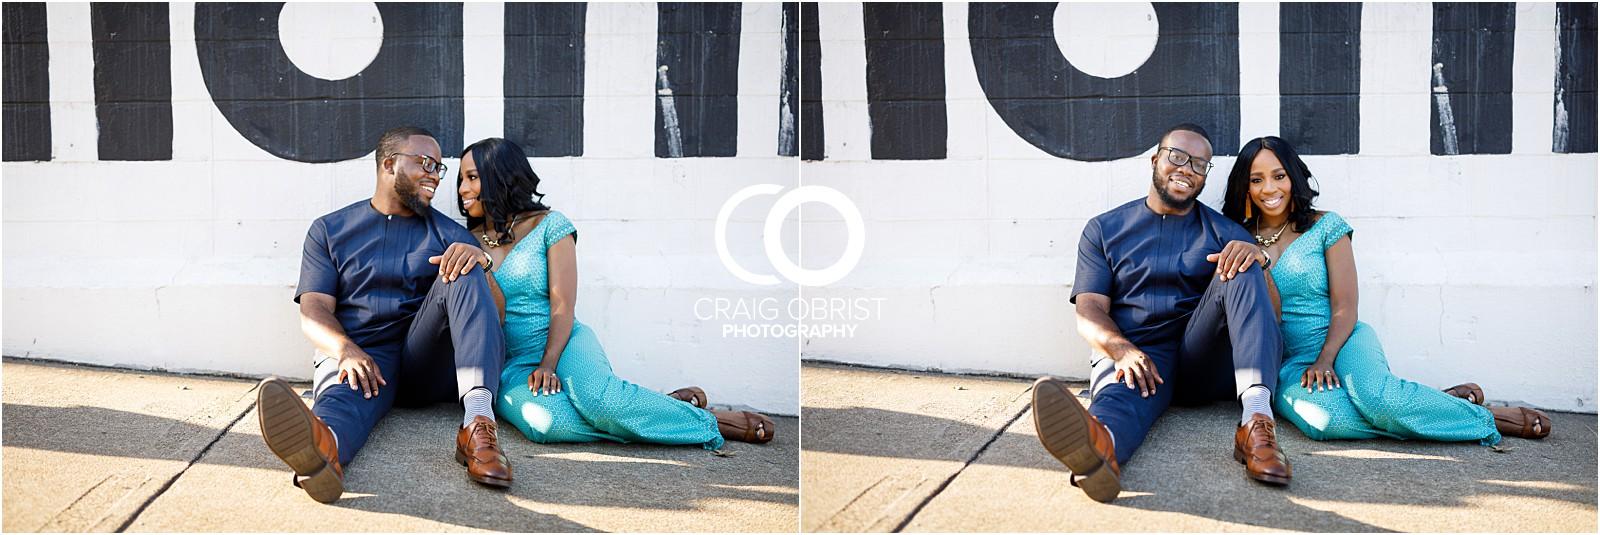 Atlanta Instagram Engagement Portraits Mural Skyline Sunset_0012.jpg